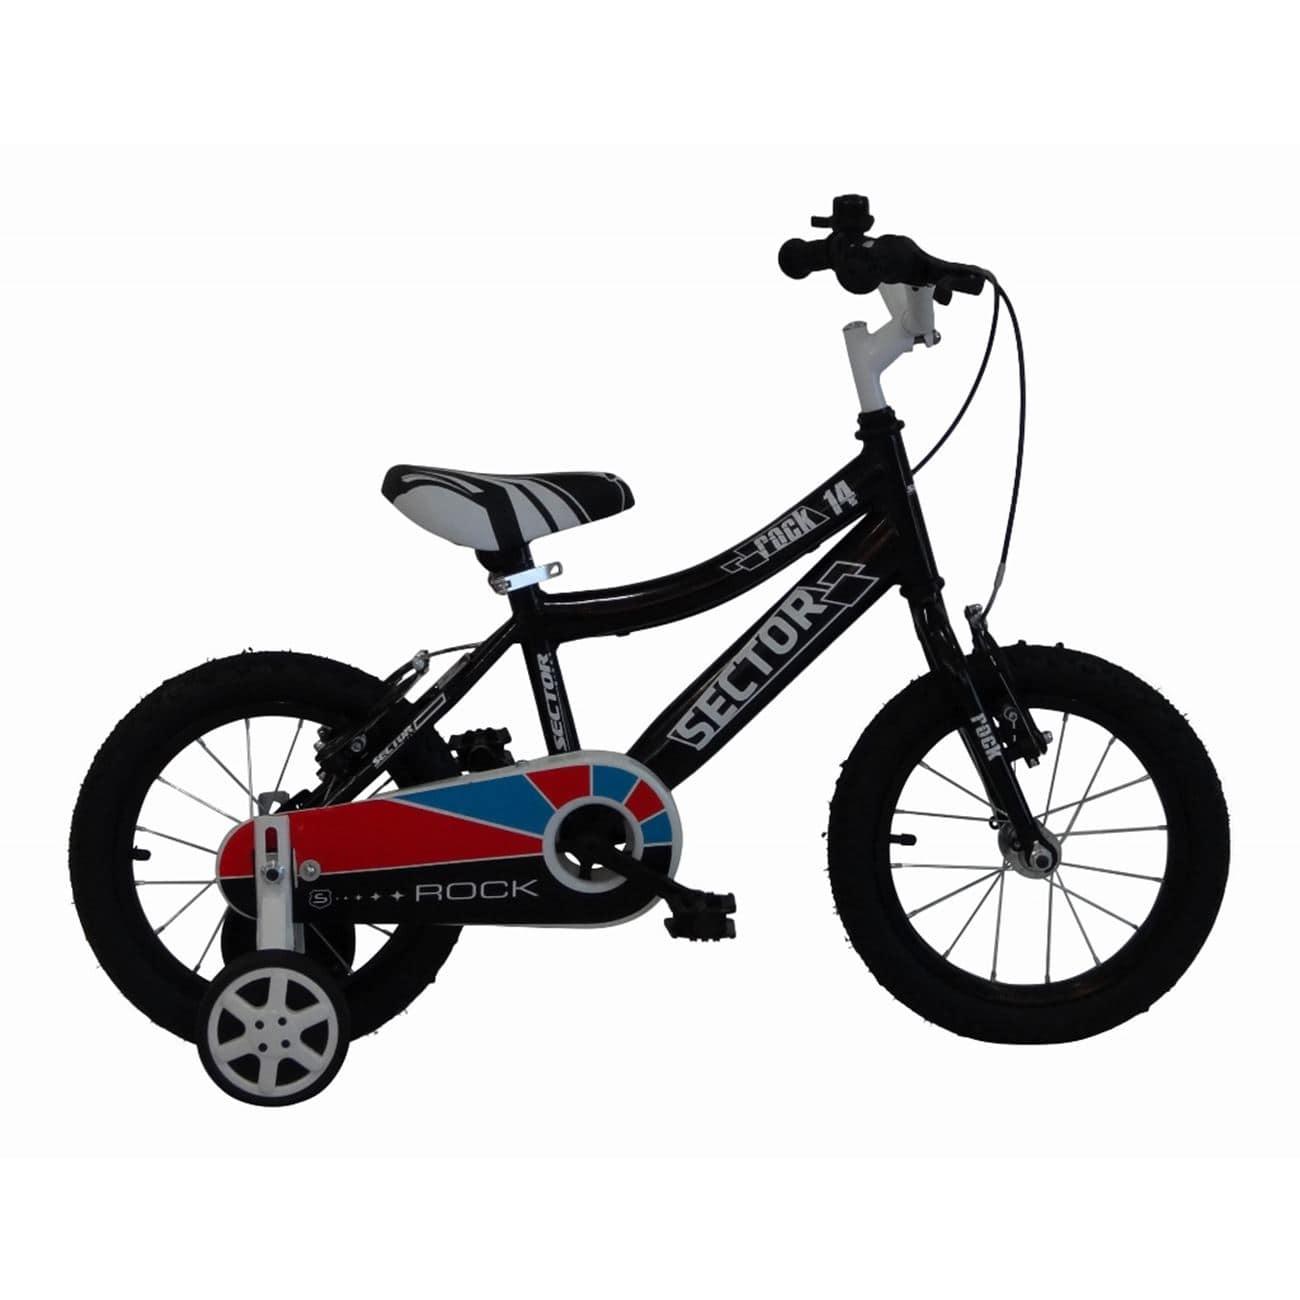 """Παιδικό Ποδήλατο Sector Rock 14"""""""